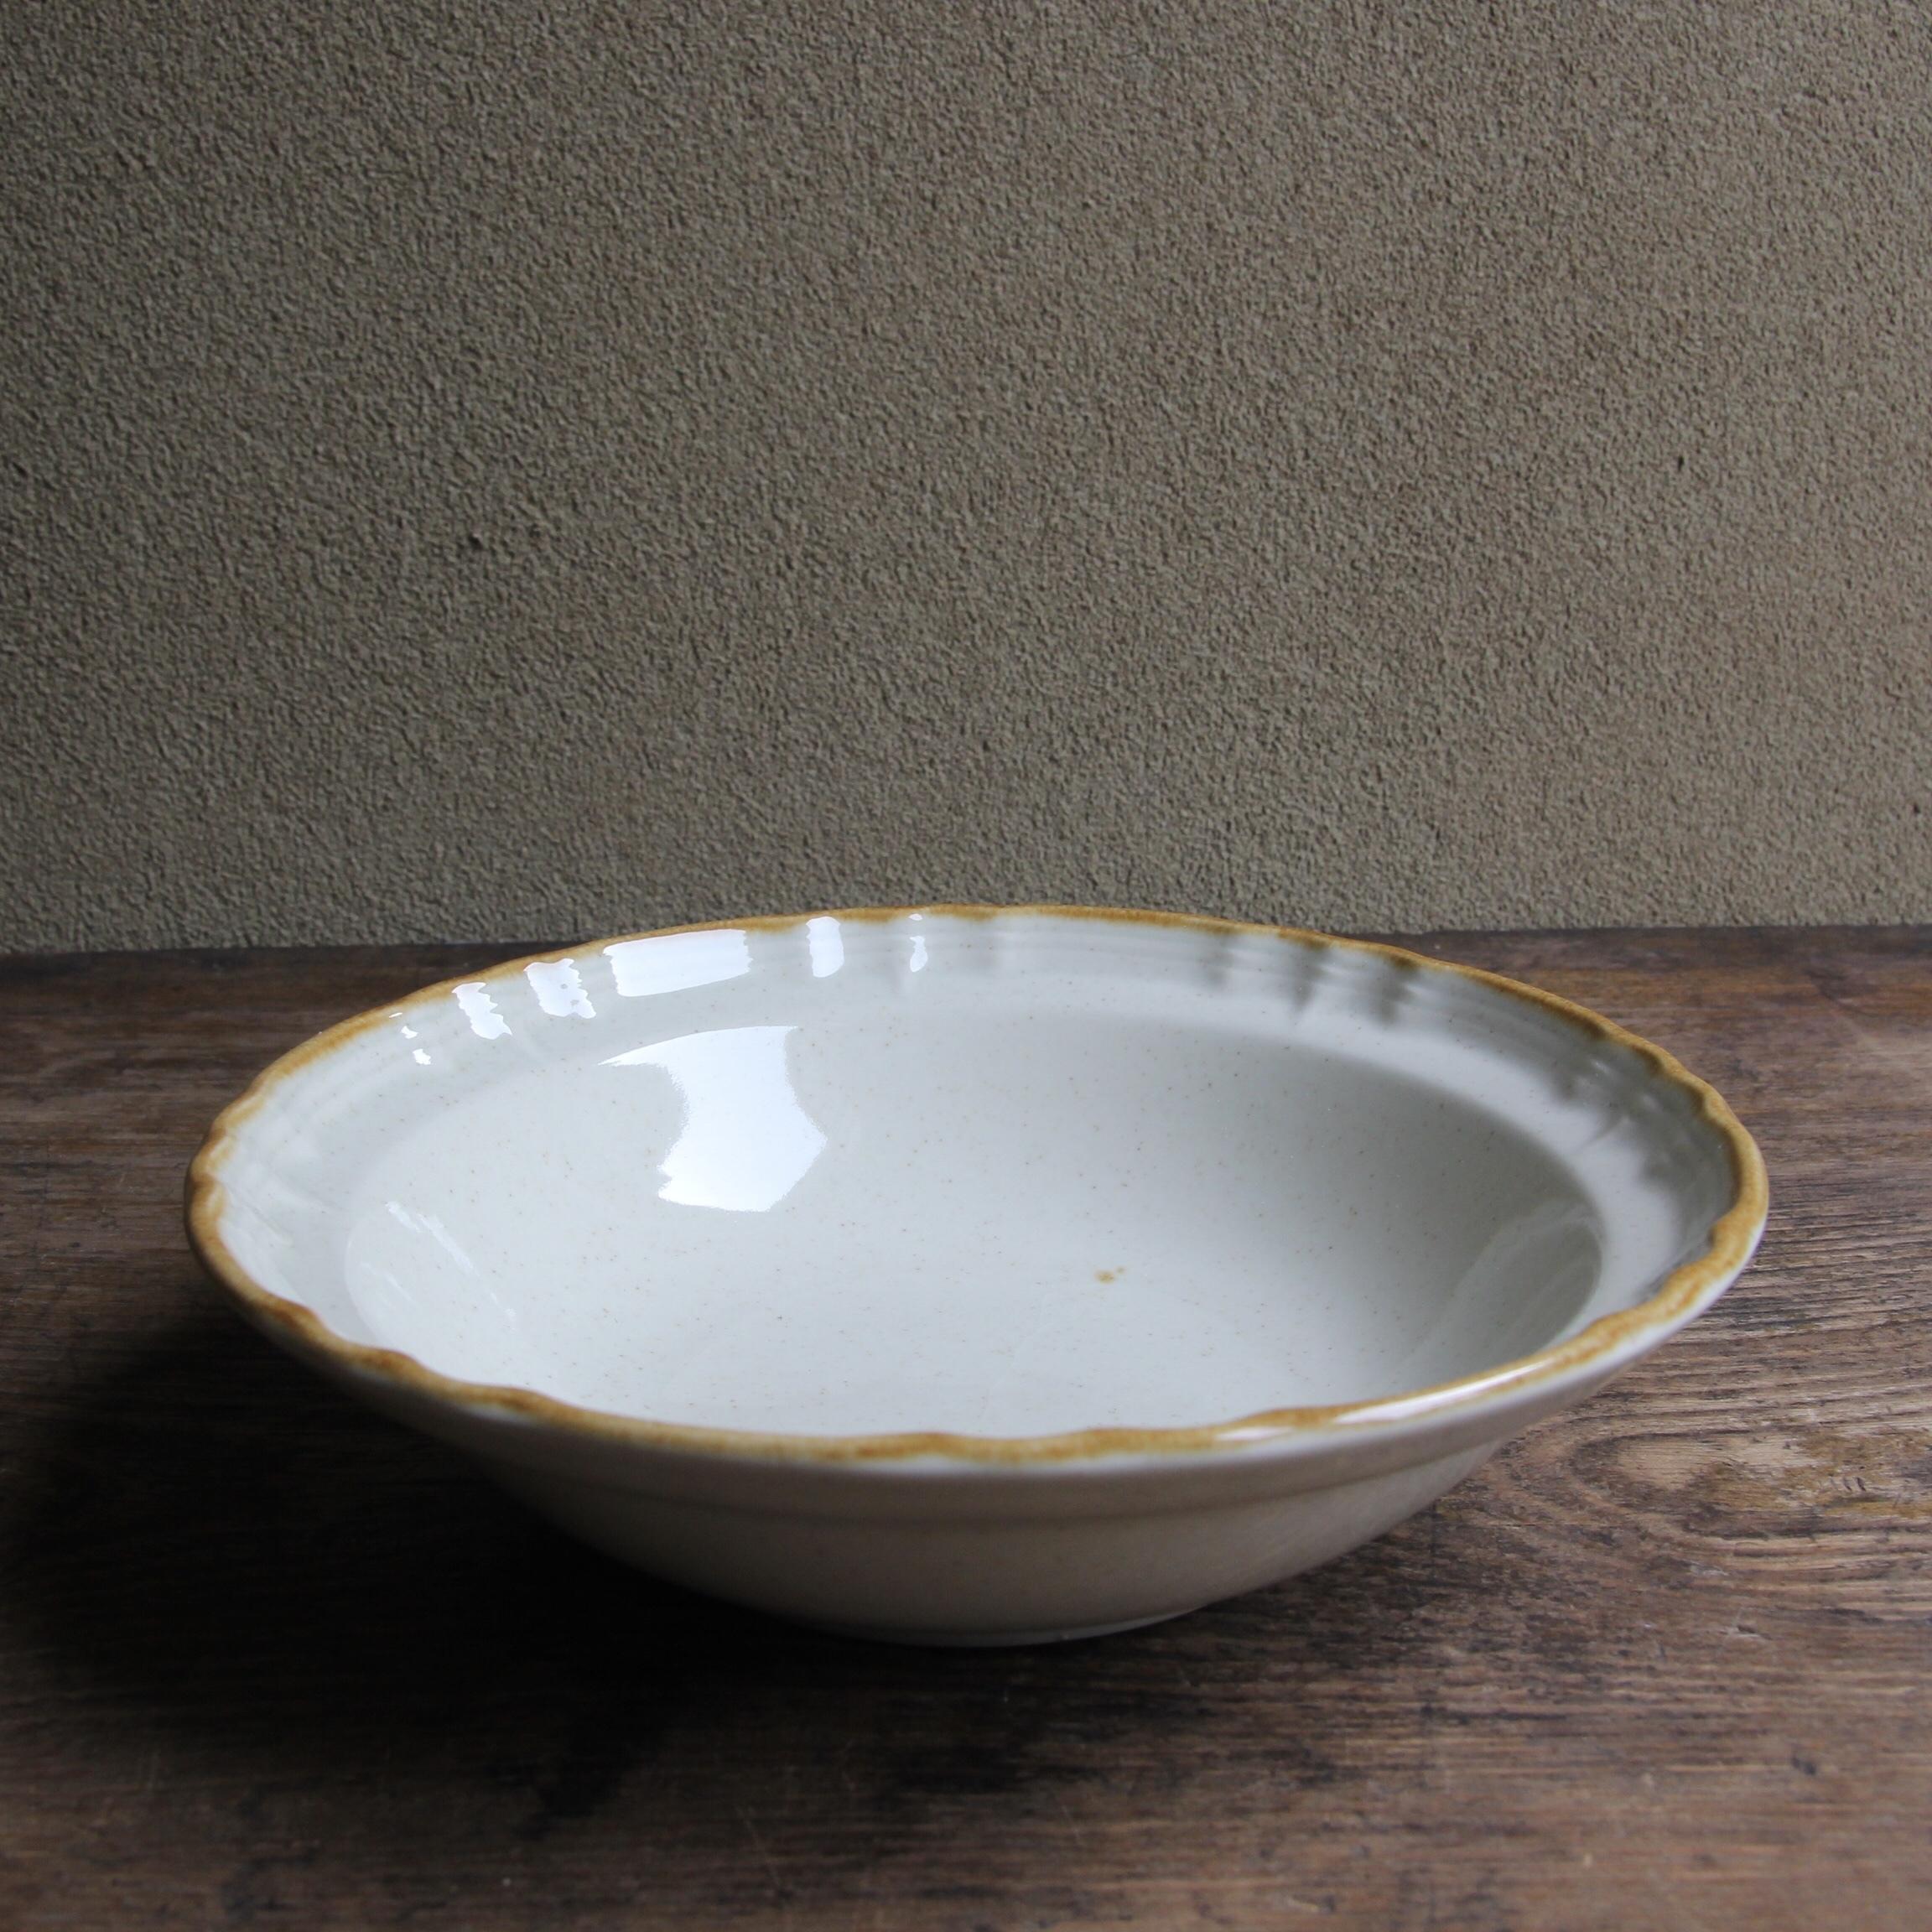 茶フリルリム ストーンウェア 小皿 在庫1枚